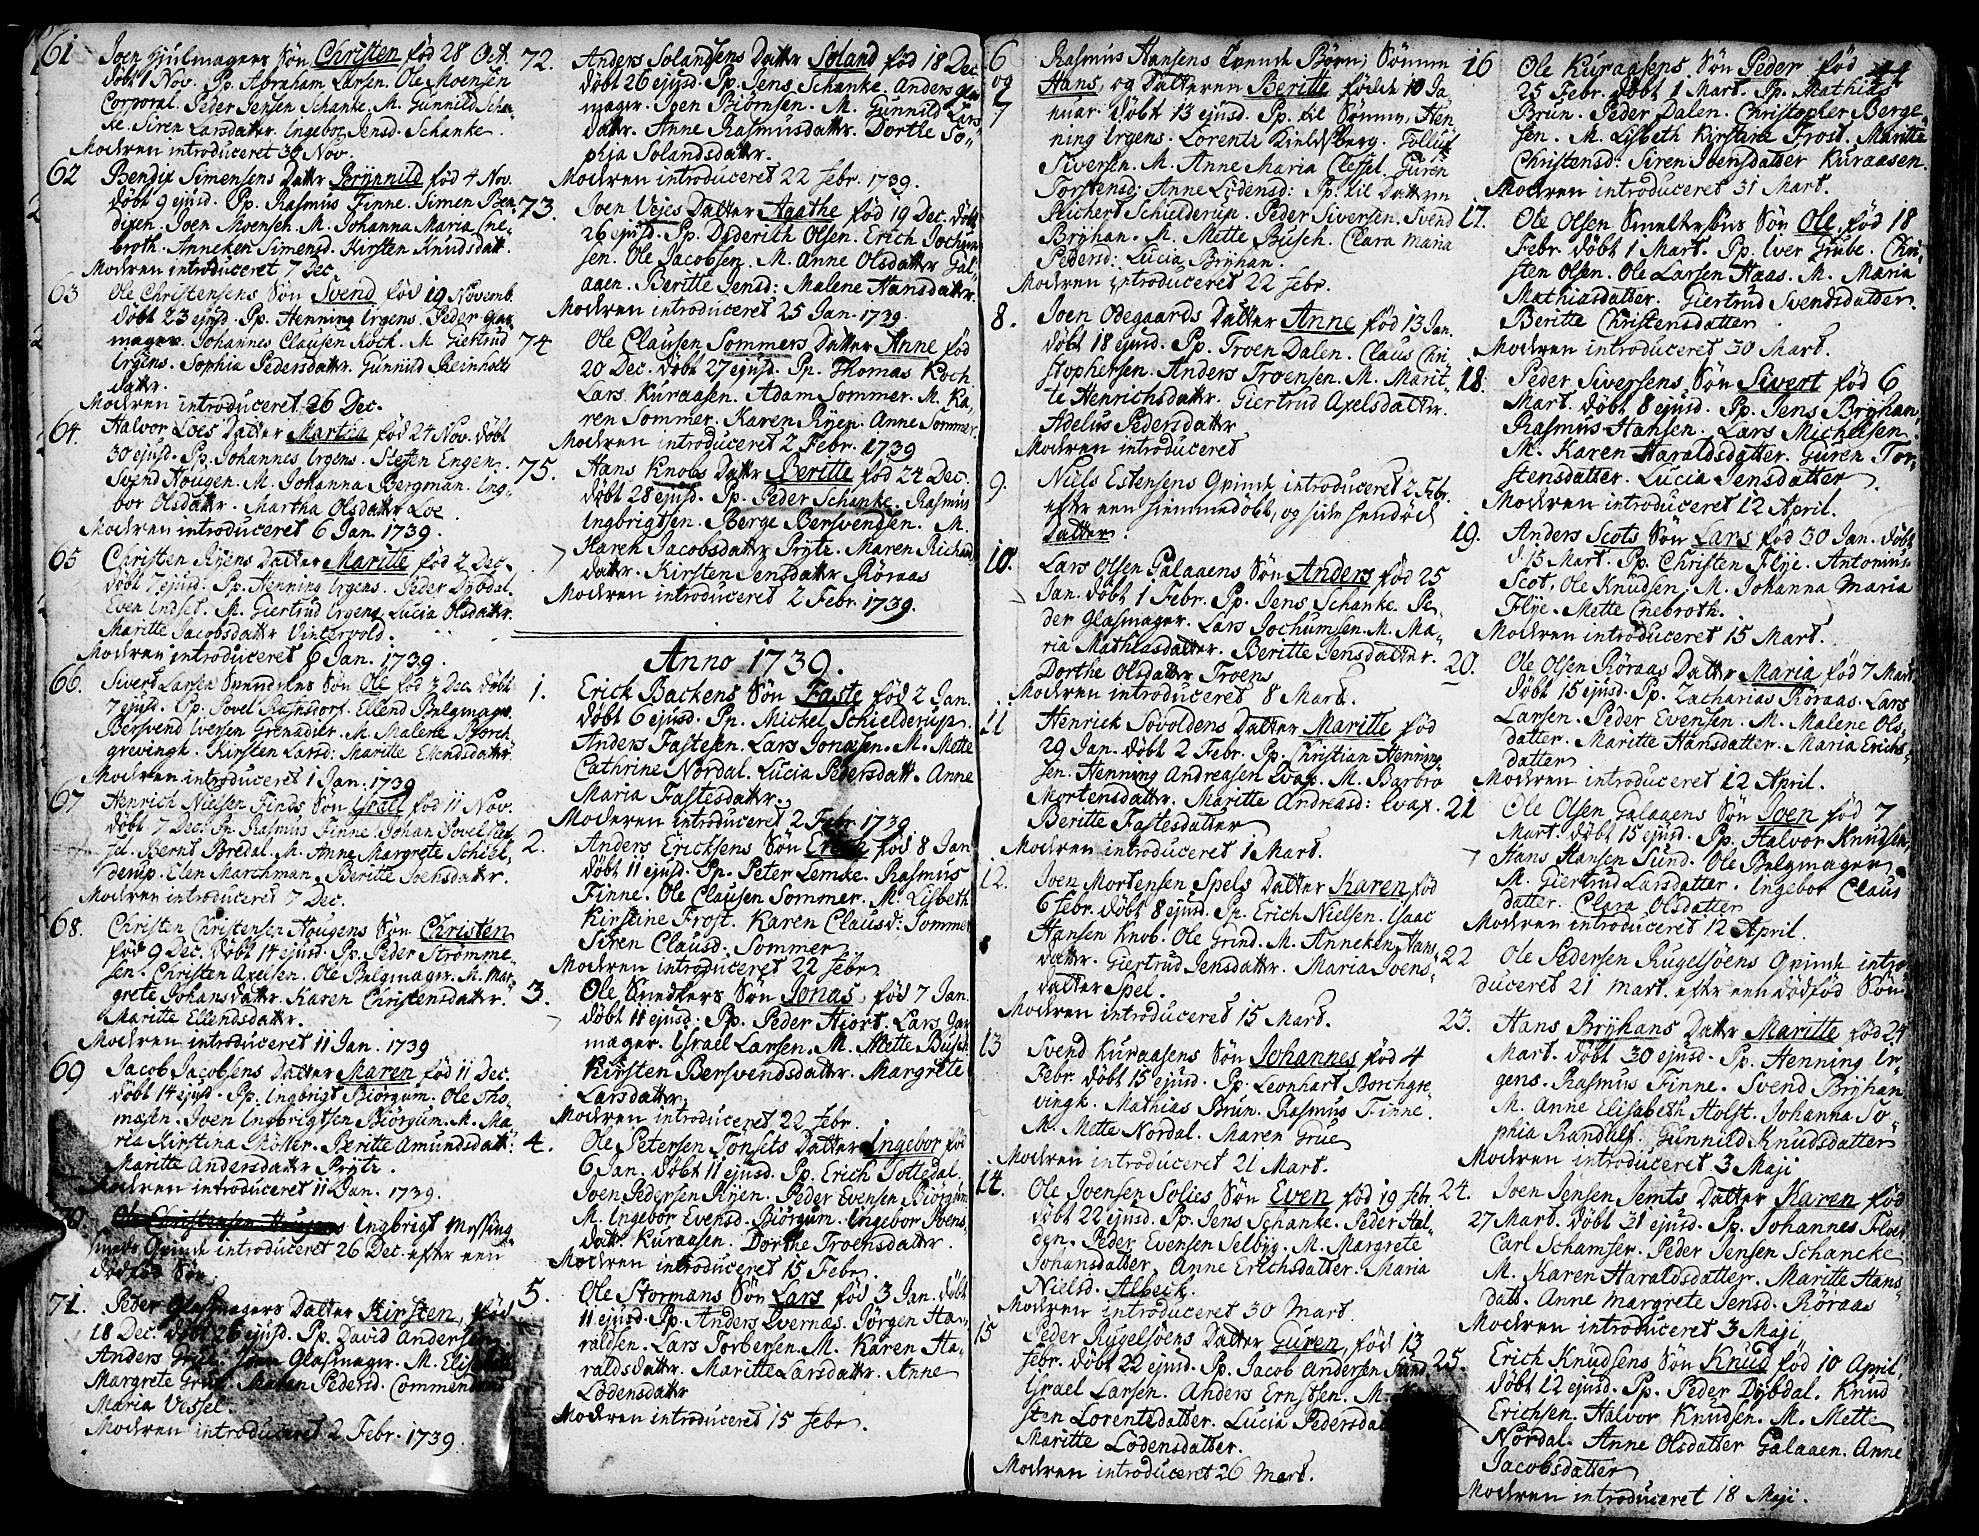 SAT, Ministerialprotokoller, klokkerbøker og fødselsregistre - Sør-Trøndelag, 681/L0925: Ministerialbok nr. 681A03, 1727-1766, s. 44